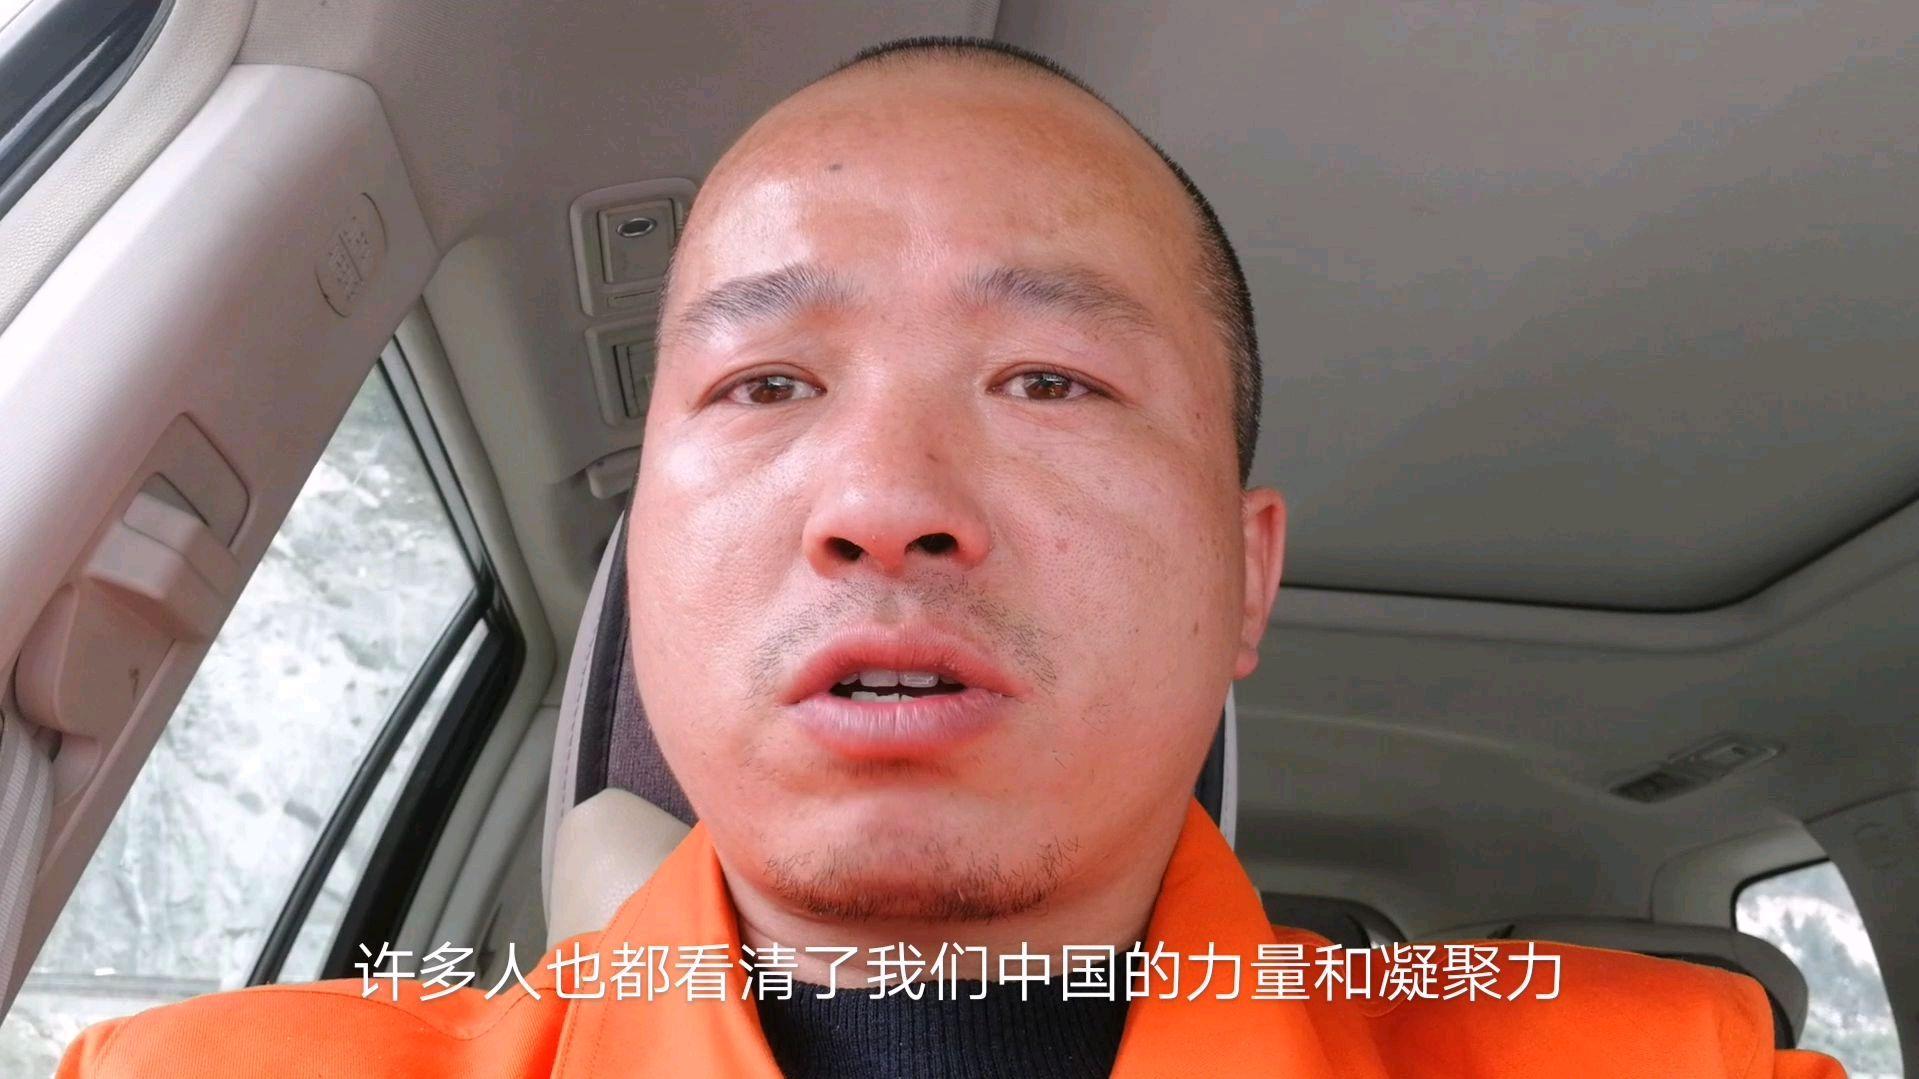 美籍华人连夜回国,听到费用自理立马翻脸:凭什么?我也是中国人